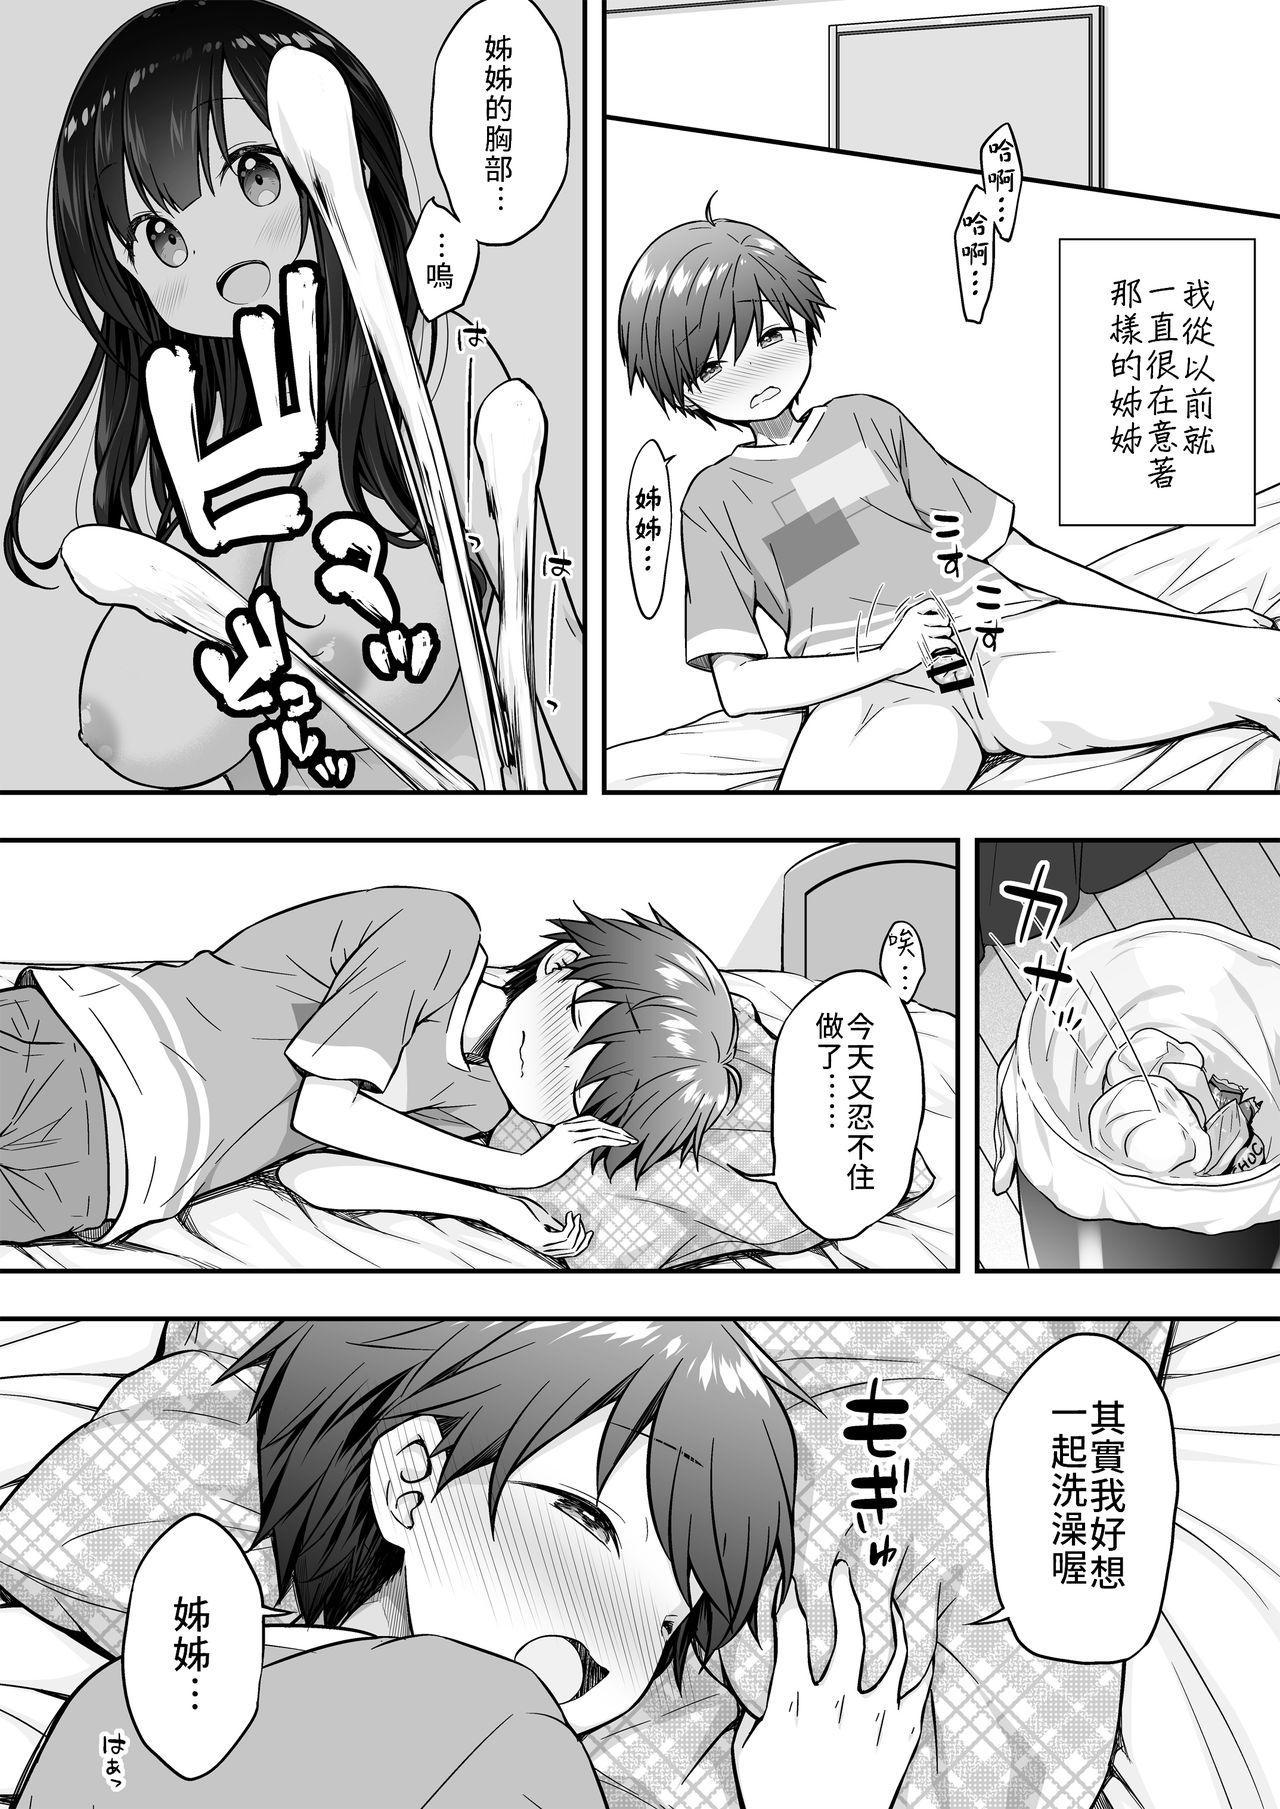 Razoku no Onee-chan ni Yuuwaku sarete Ecchi shichatta Ohanashi   被裸體的姊姊誘惑後做了的故事 3